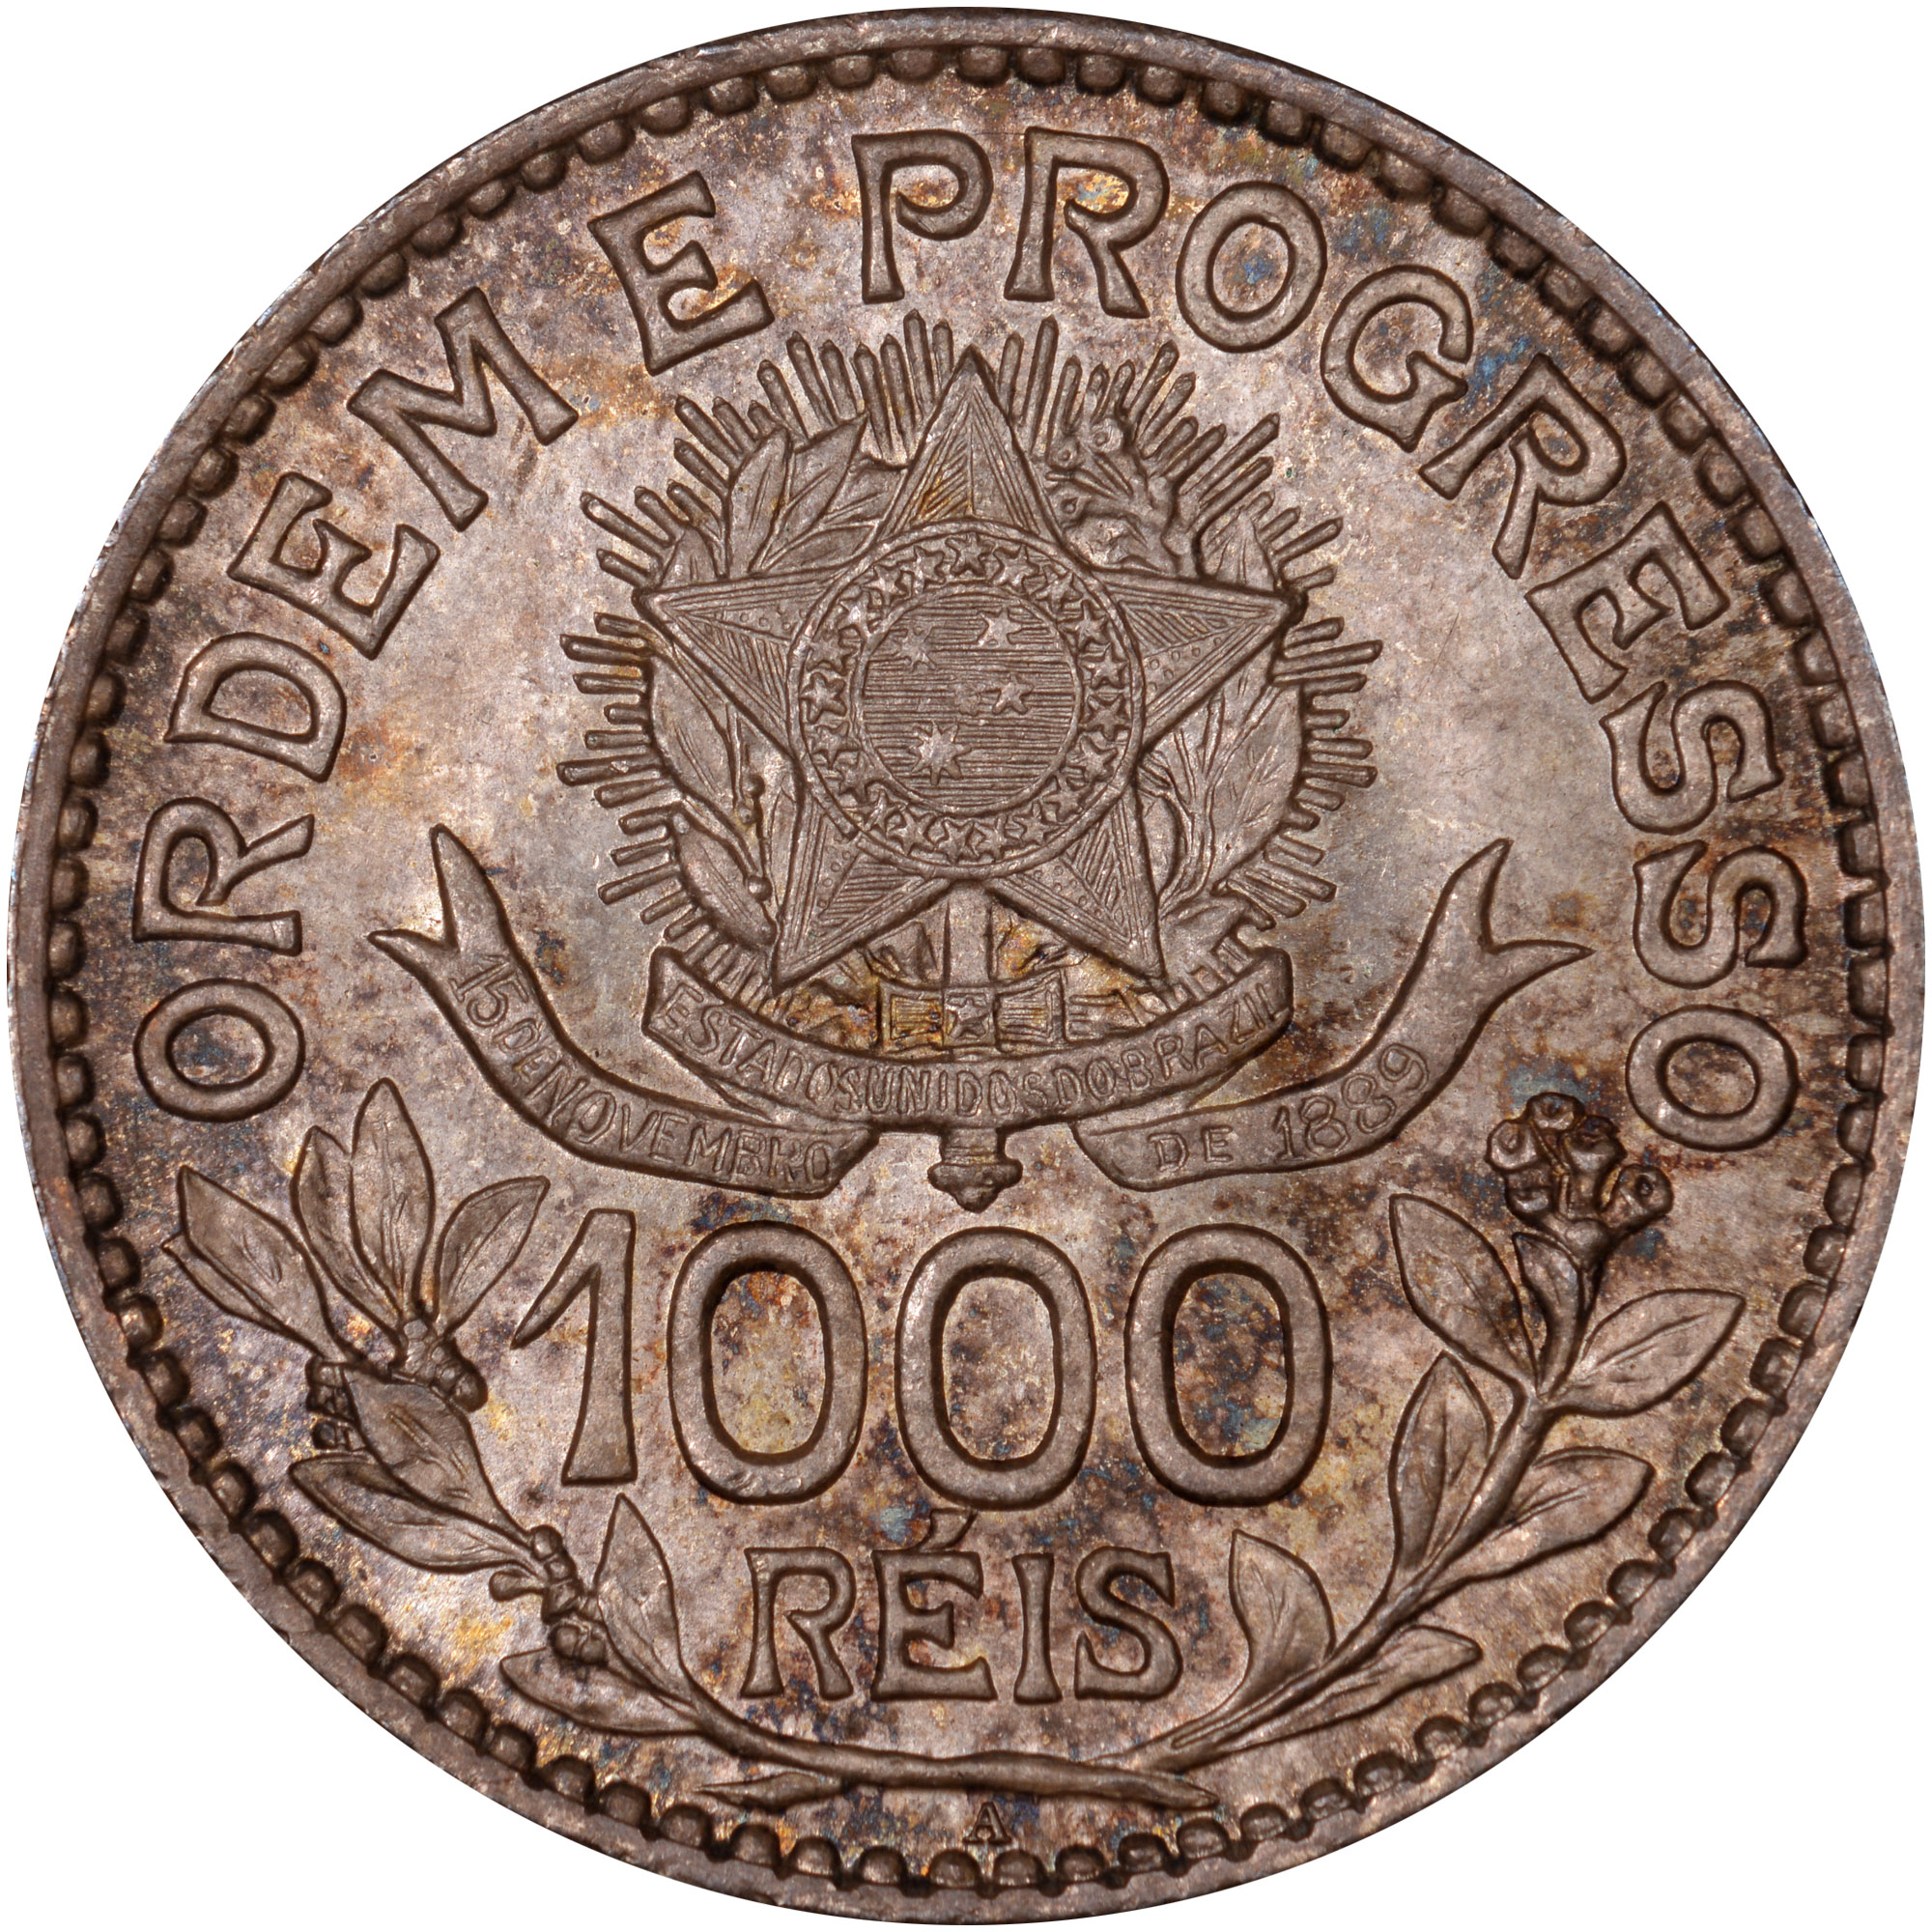 1913 Brazil 1000 Reis reverse